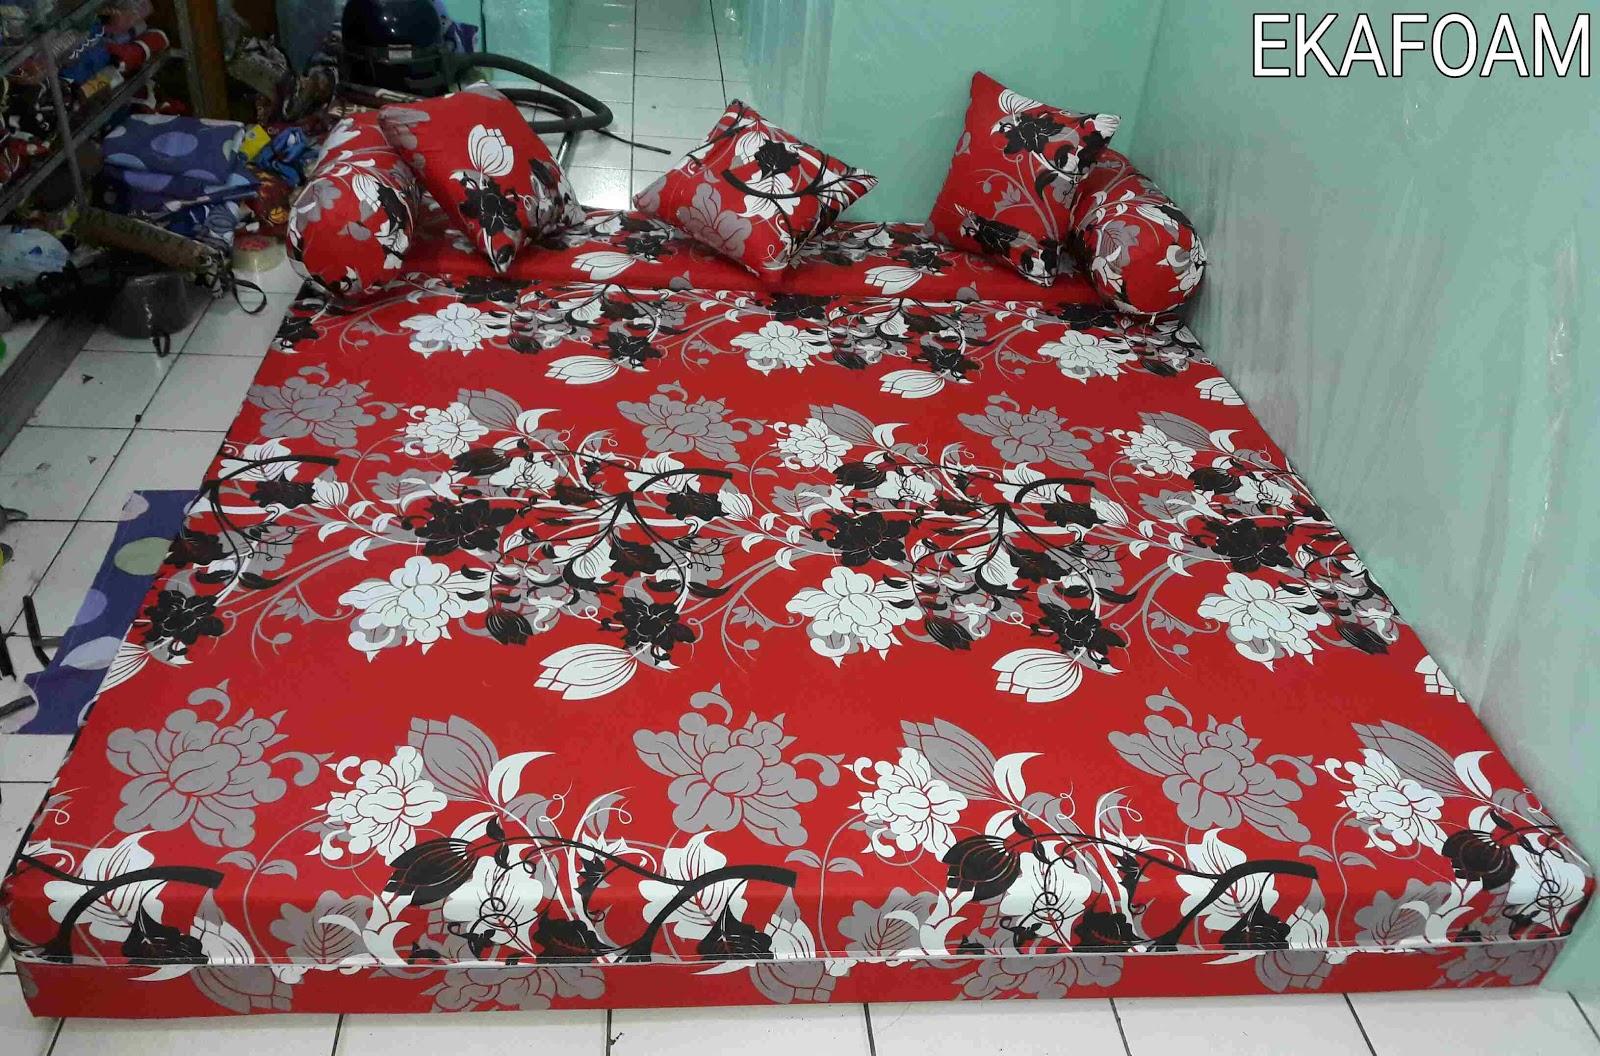 Harga sofa bed inoac terbaru 2018 agen jual kasur busa for Sofa bed yang bagus merk apa